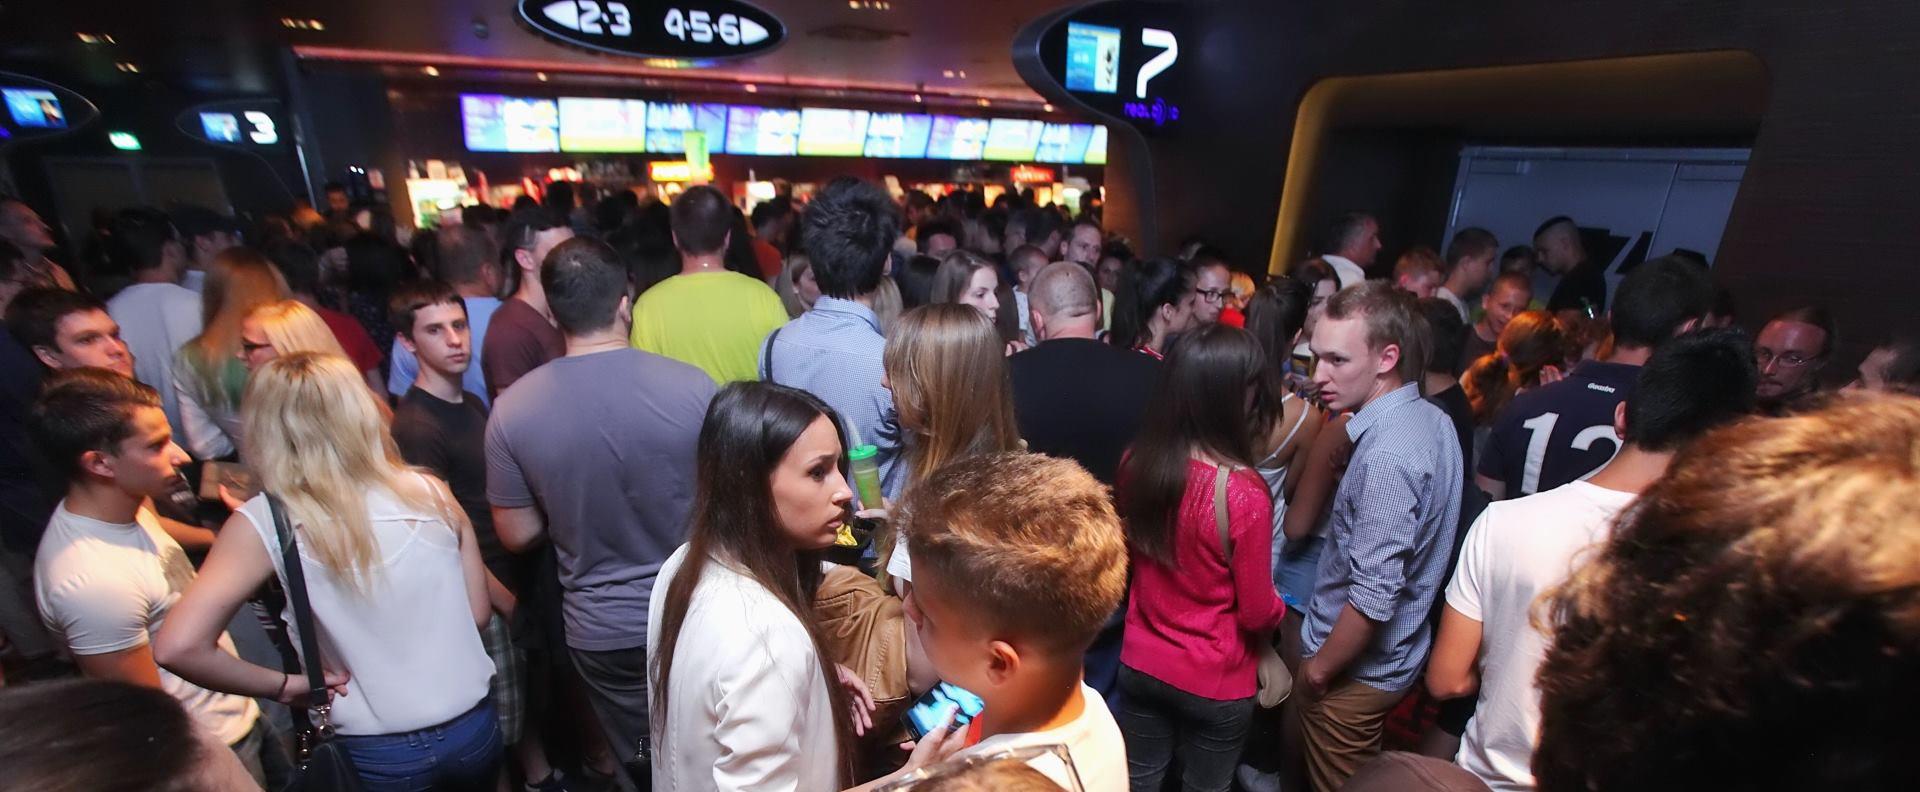 Više od 70 000 posjetitelja posjetilo CineStar kina